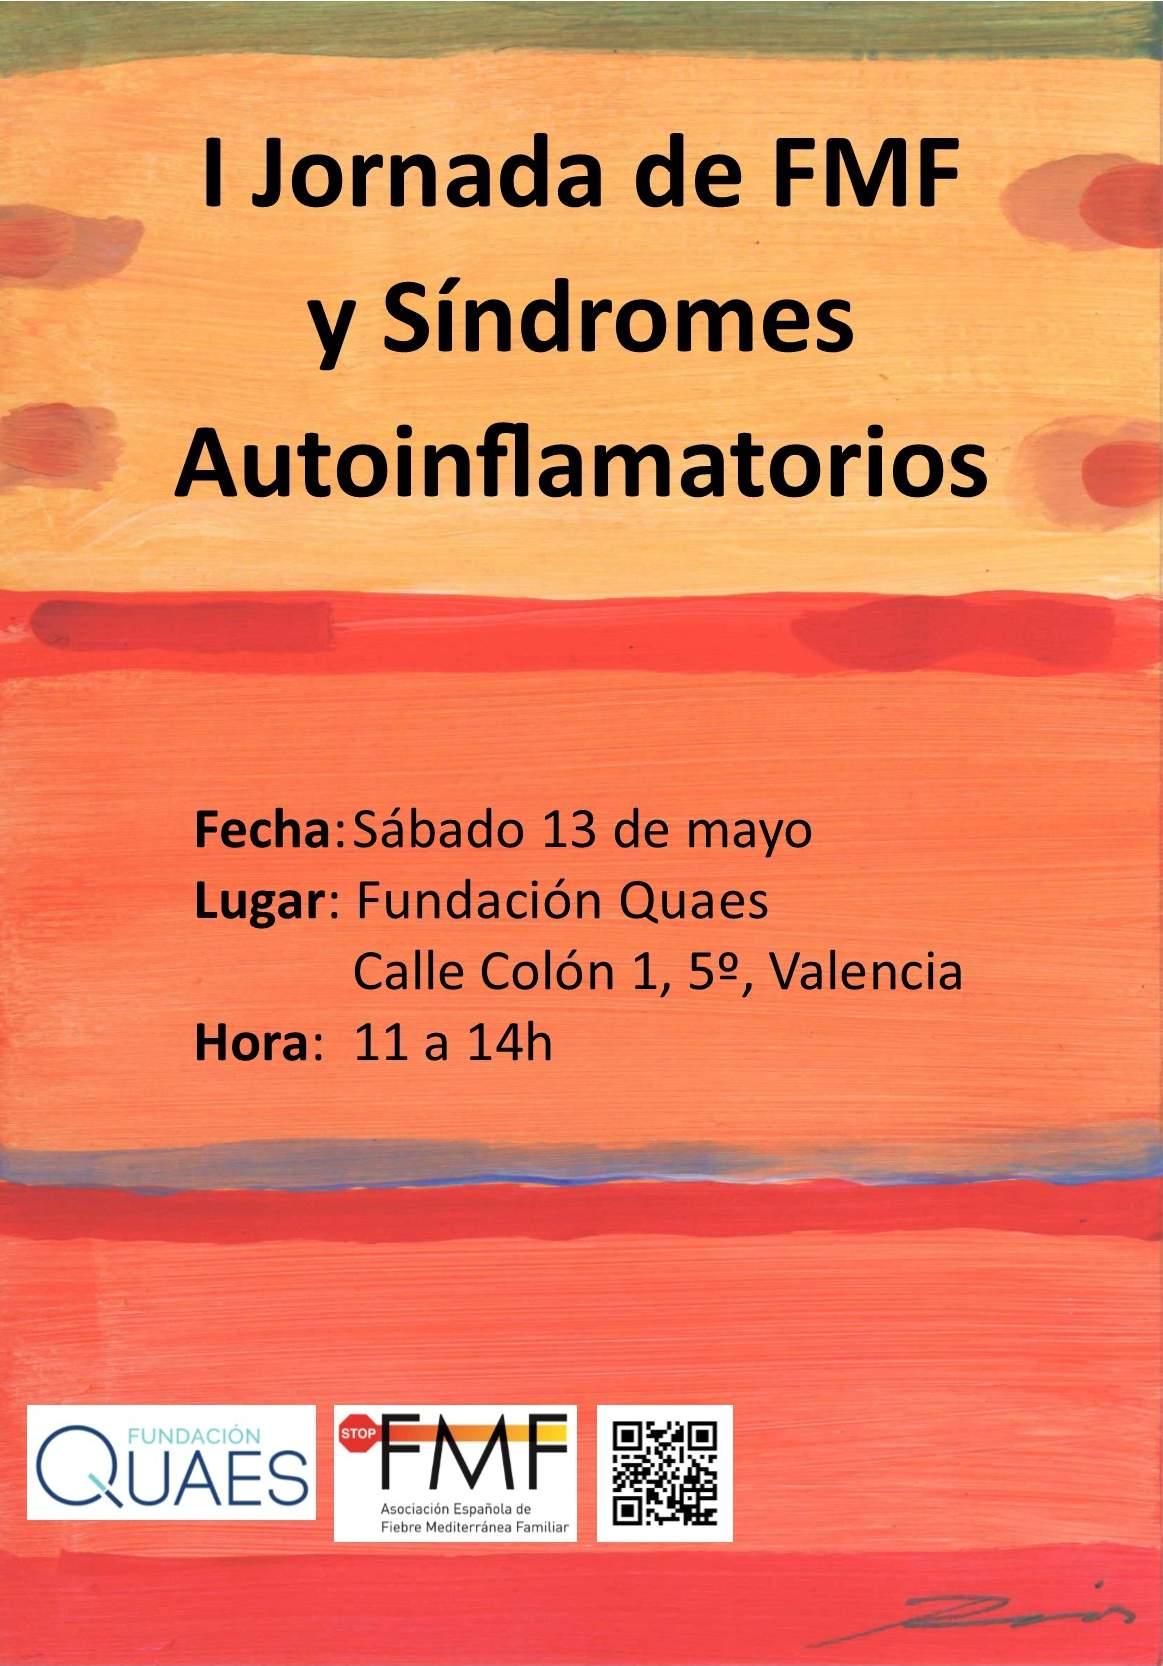 Imagen del cartel donada por el artista plástico Miguel Ángel Ríos